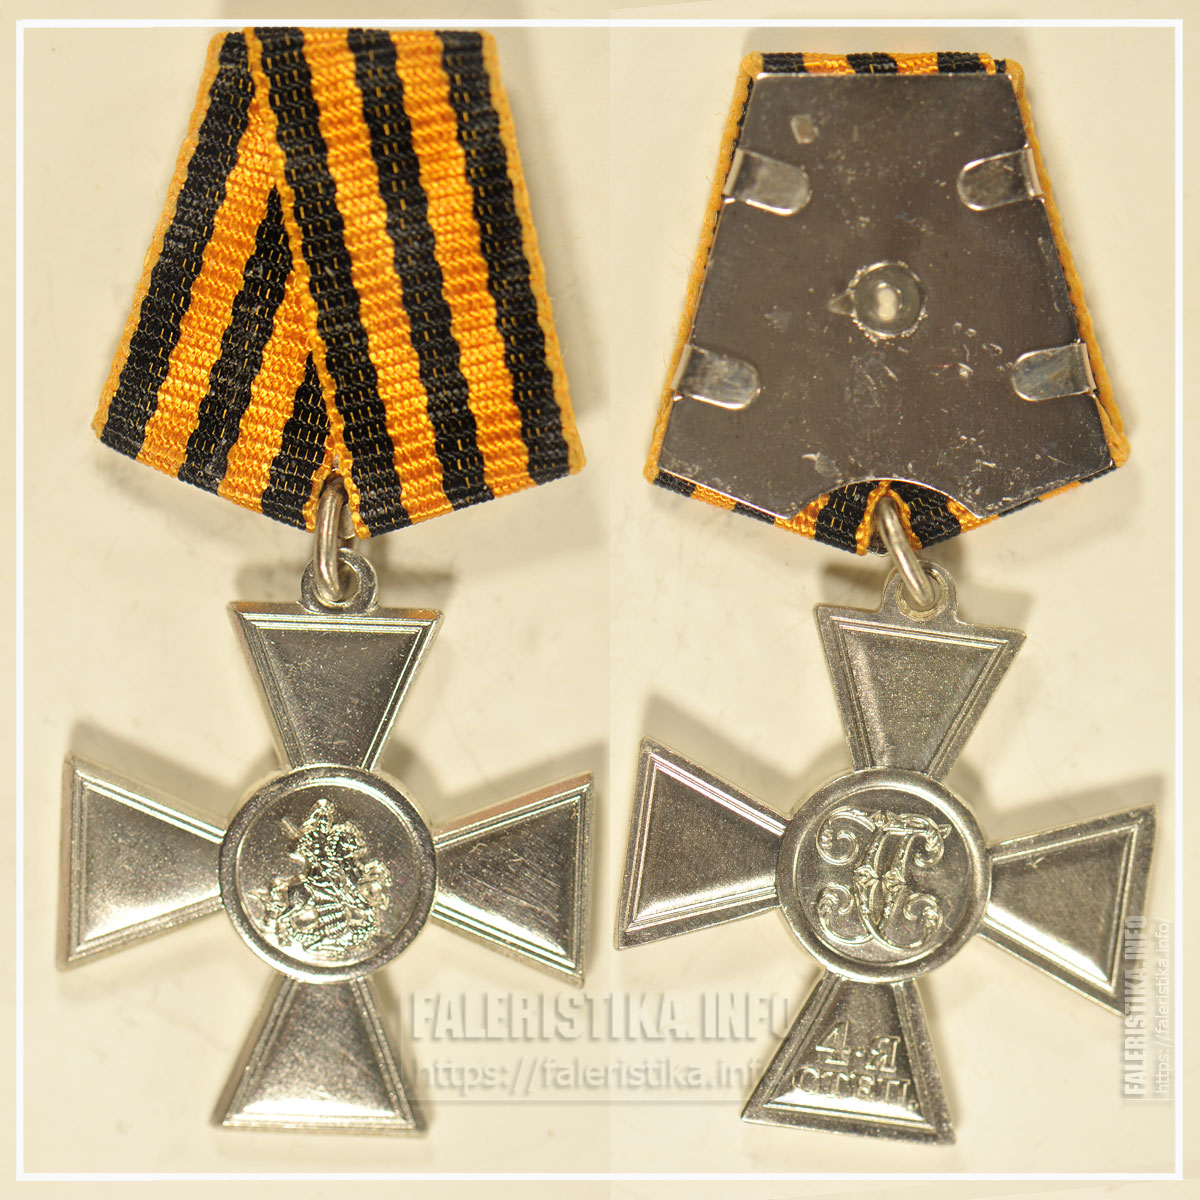 Знак отличия — Георгиевский крест IV степени. Миниатюрная копия знака (фрачник)